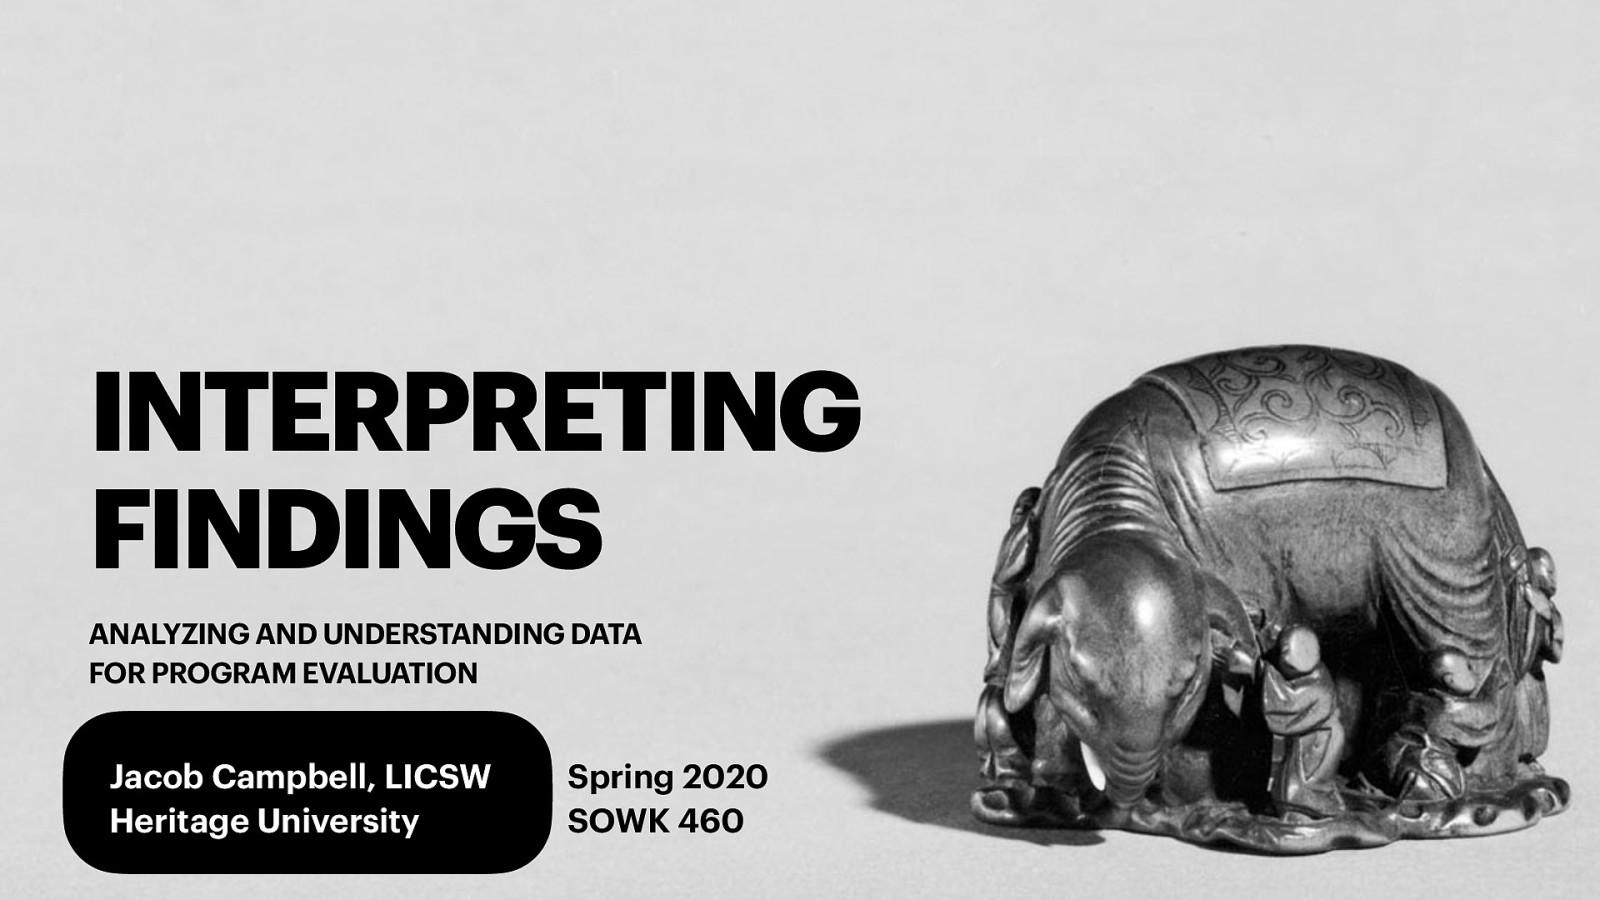 Week 13 - Interpreting Findings in Program Evaluation